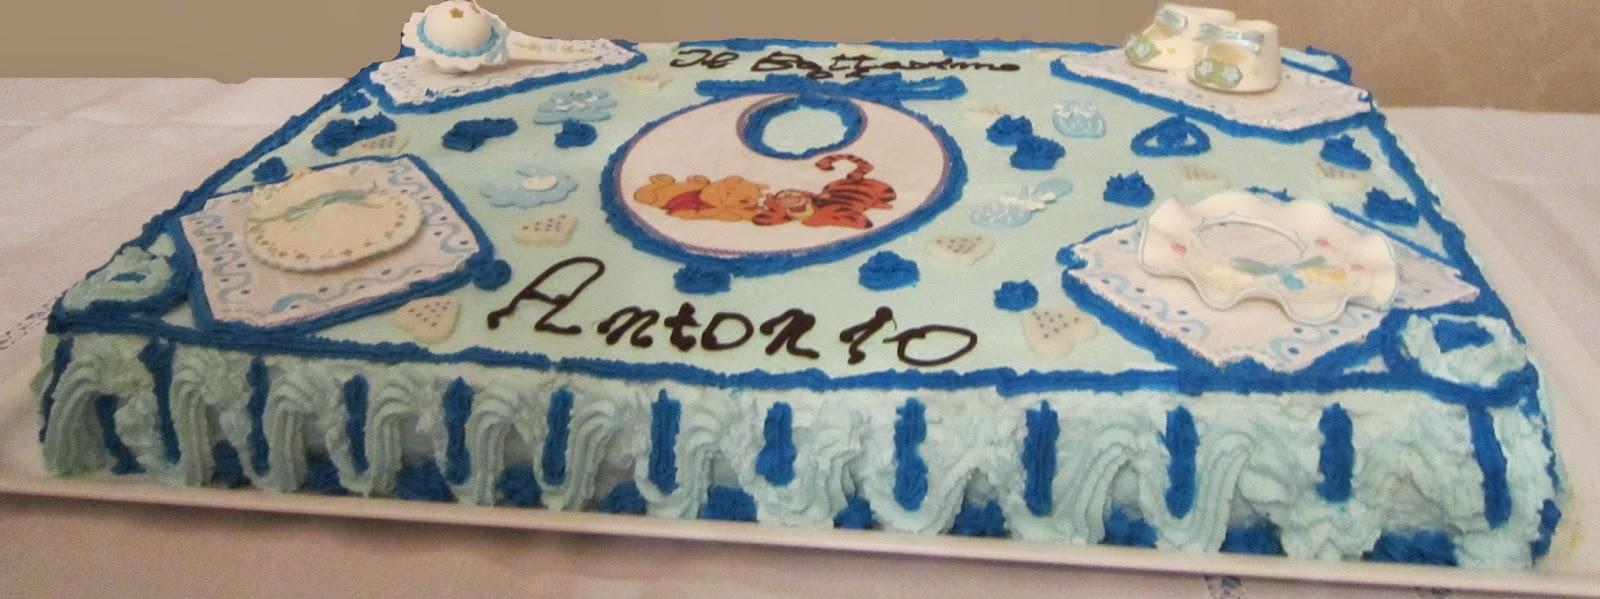 Super Torta per il battesimo di mio nipote | Enzo in cucina KI64